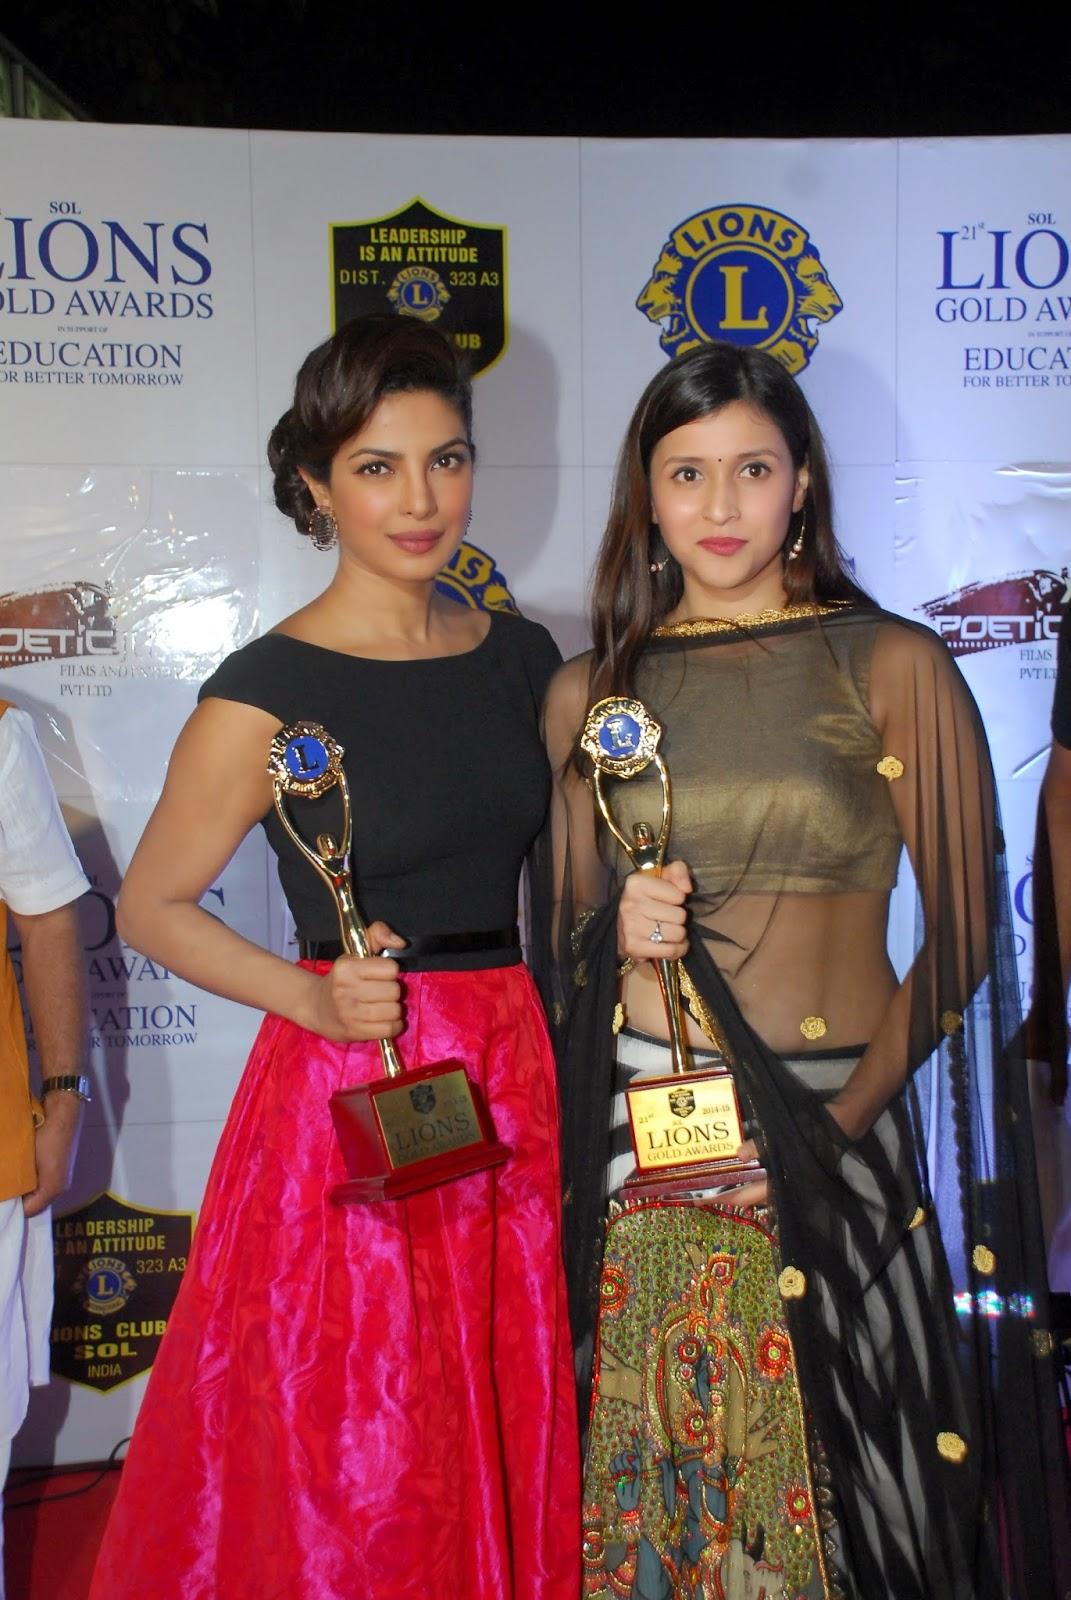 Actress Priyanka Chopra In Black Top Red Skirt At Awards Function